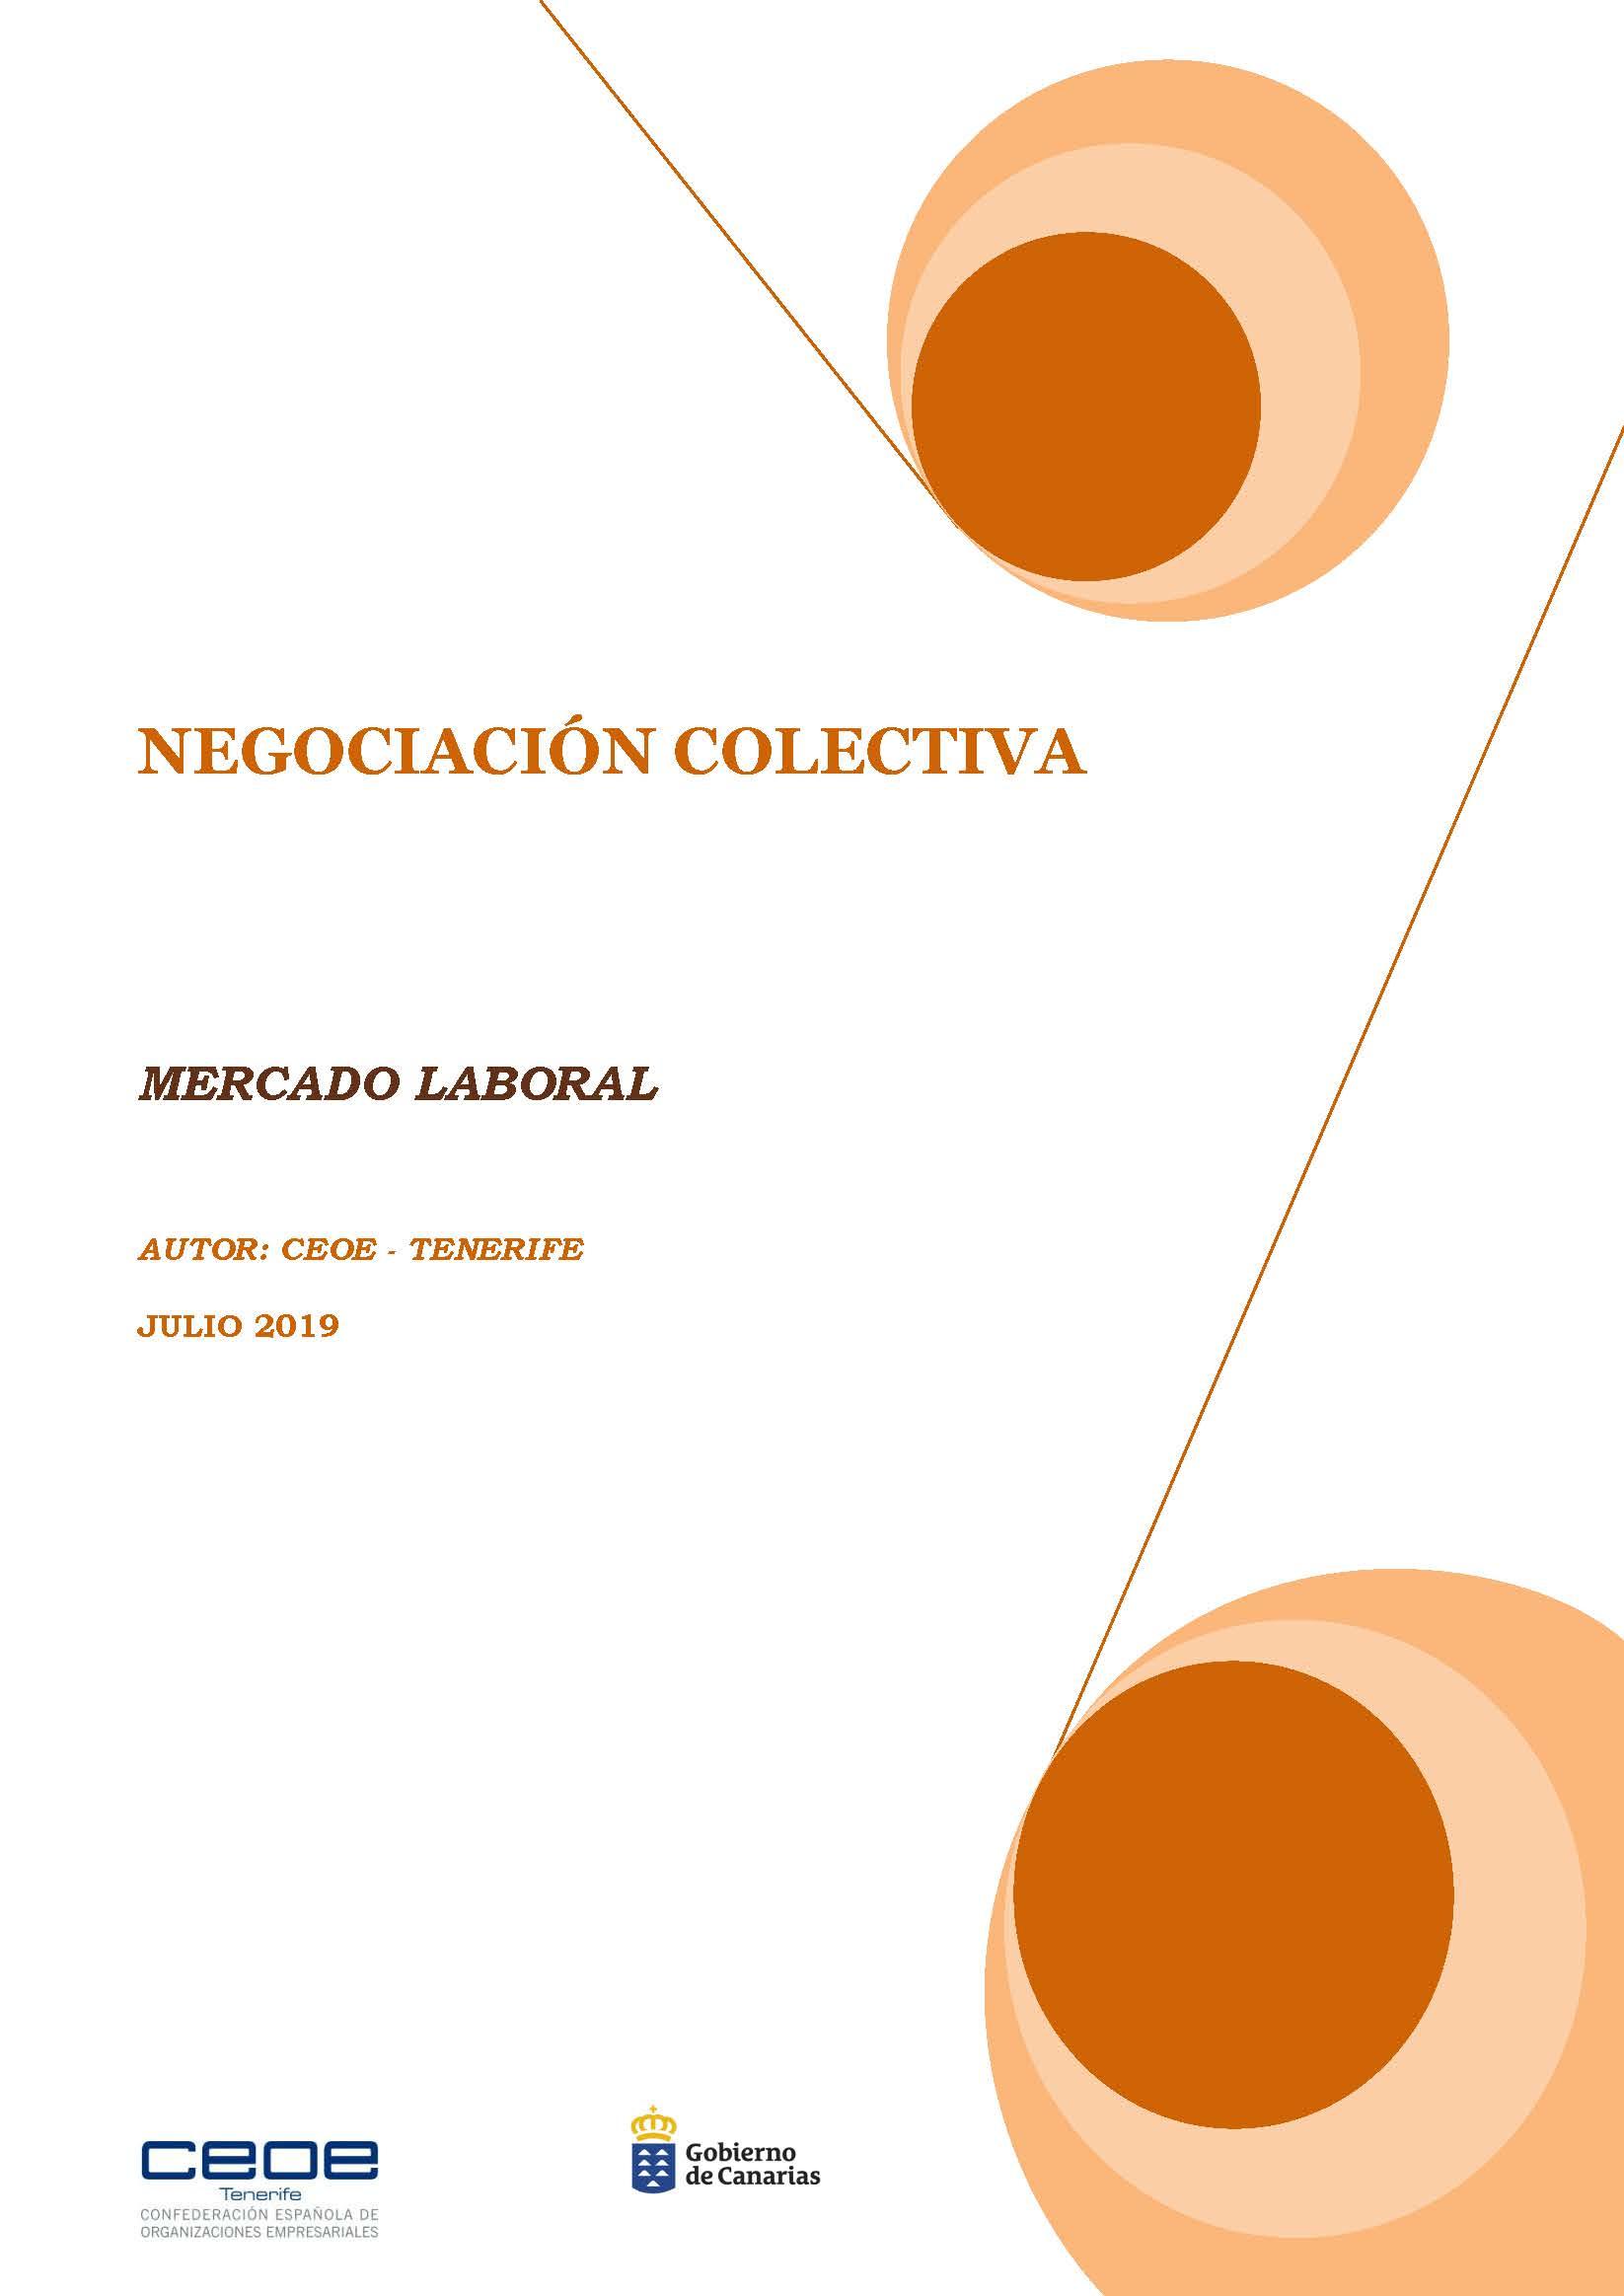 MERCADO LABORAL - NEGOCIACION COLECTIVA JULIO 2019